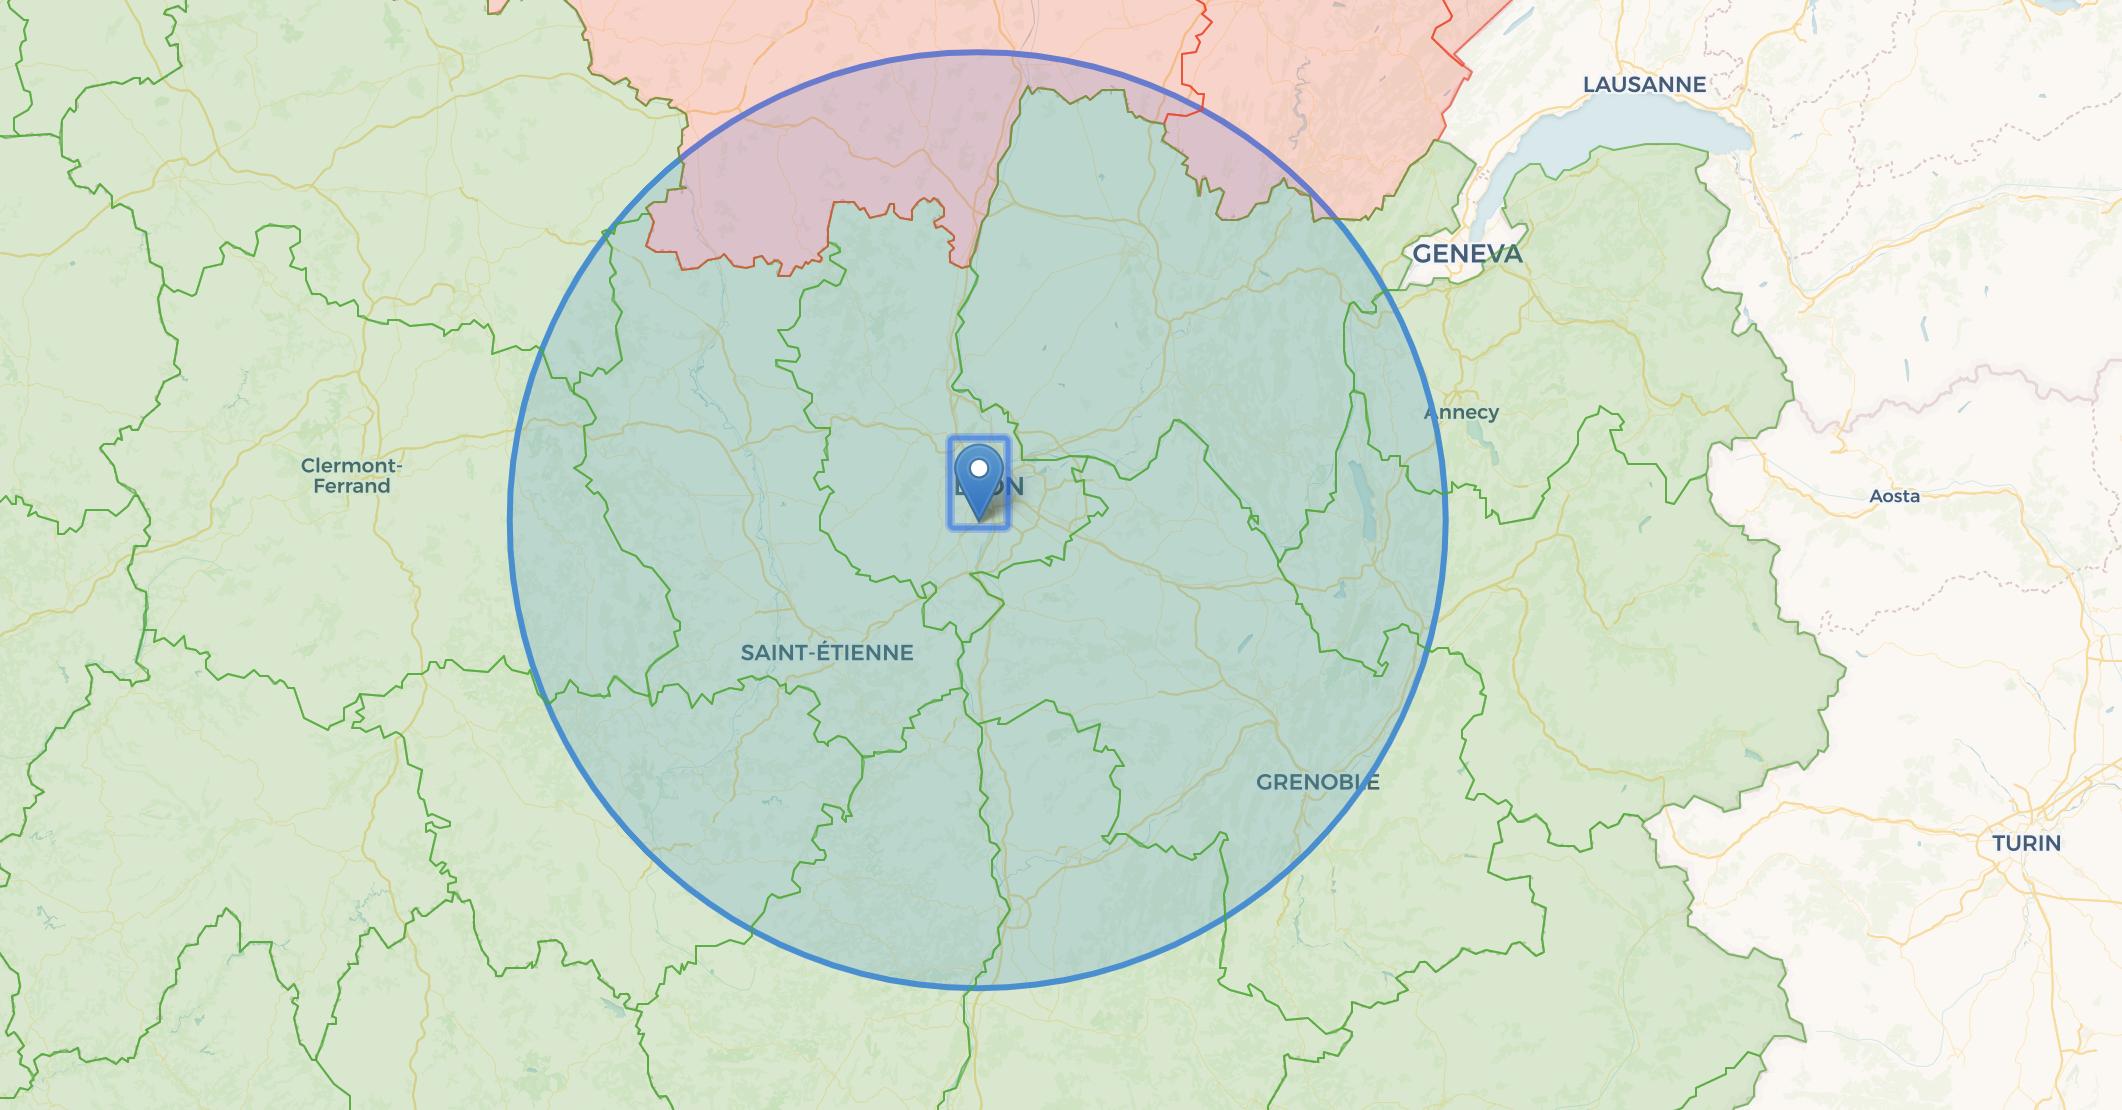 Il Est Possible De Depasser Le Rayon De 100 Km Mais Pas A Lyon